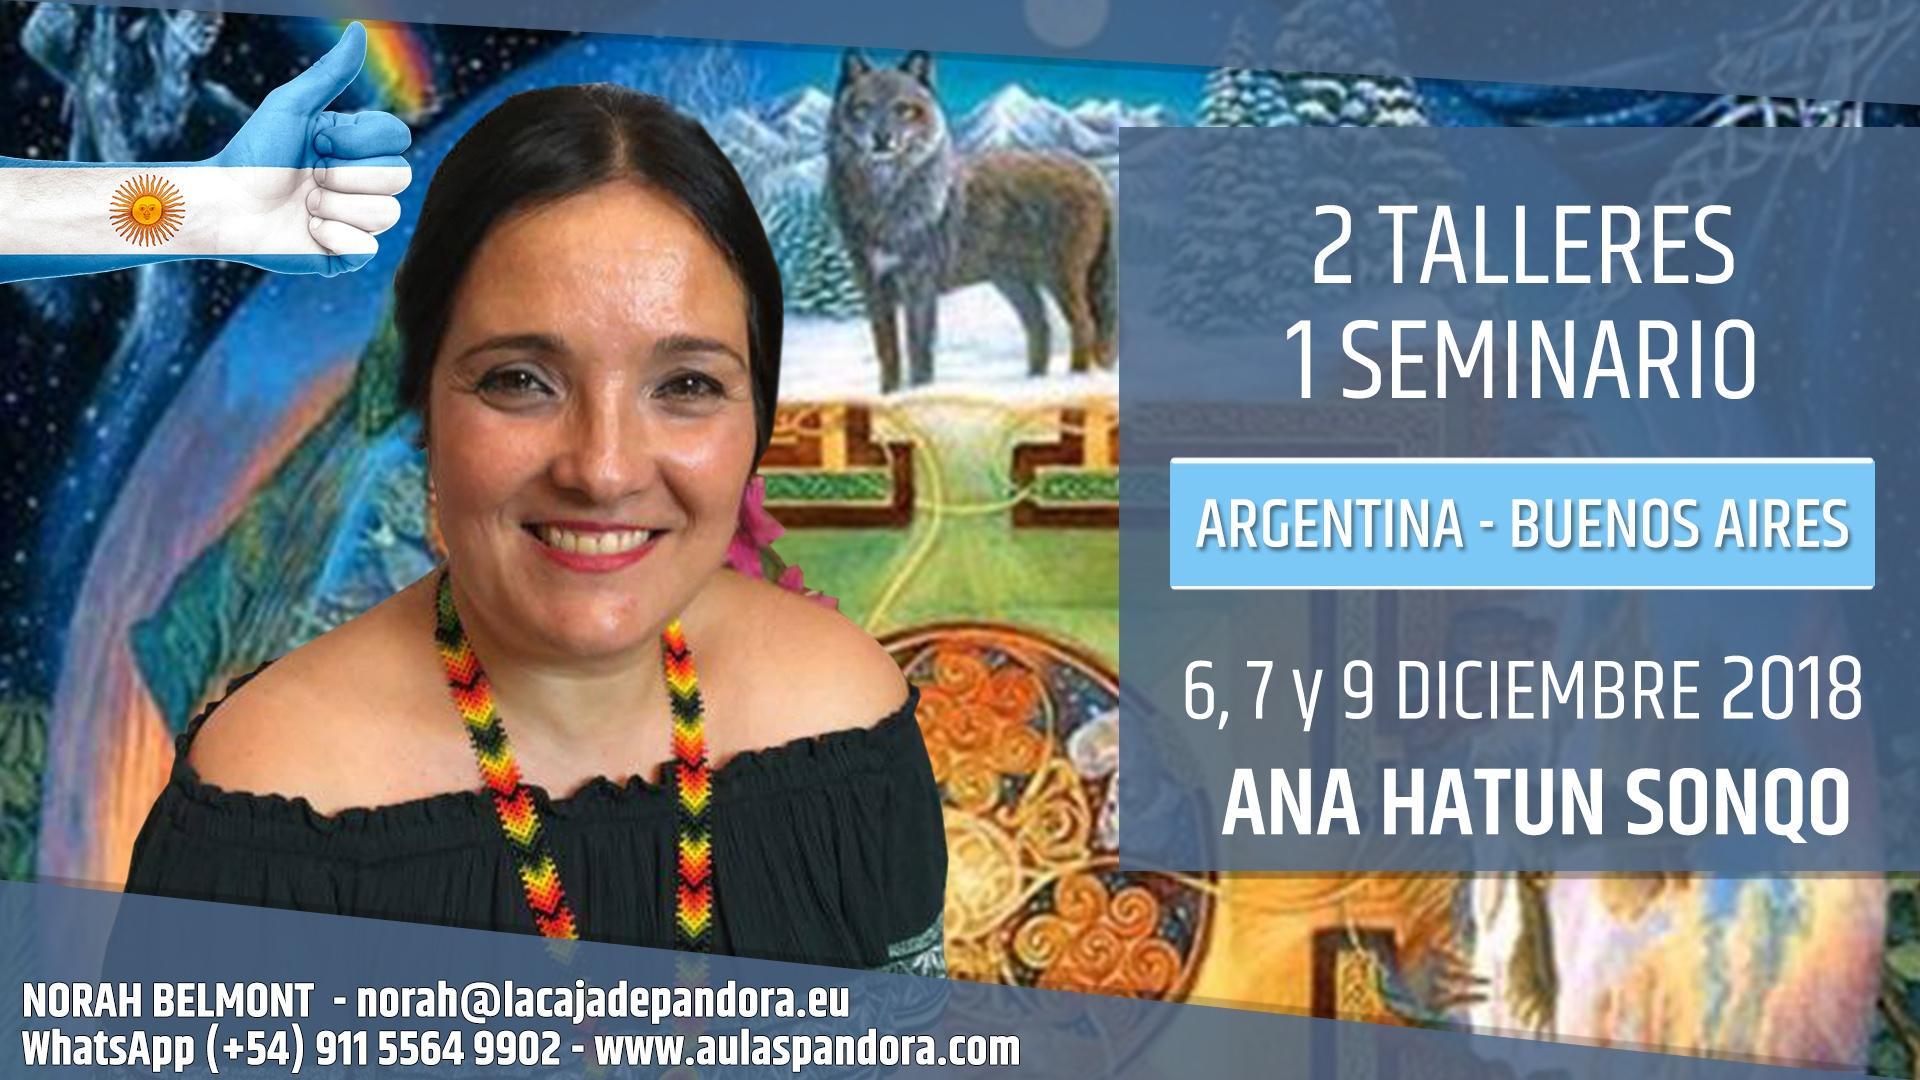 2 Talleres y 1 Seminario ANA HATUN SONQO - Argentina 2018